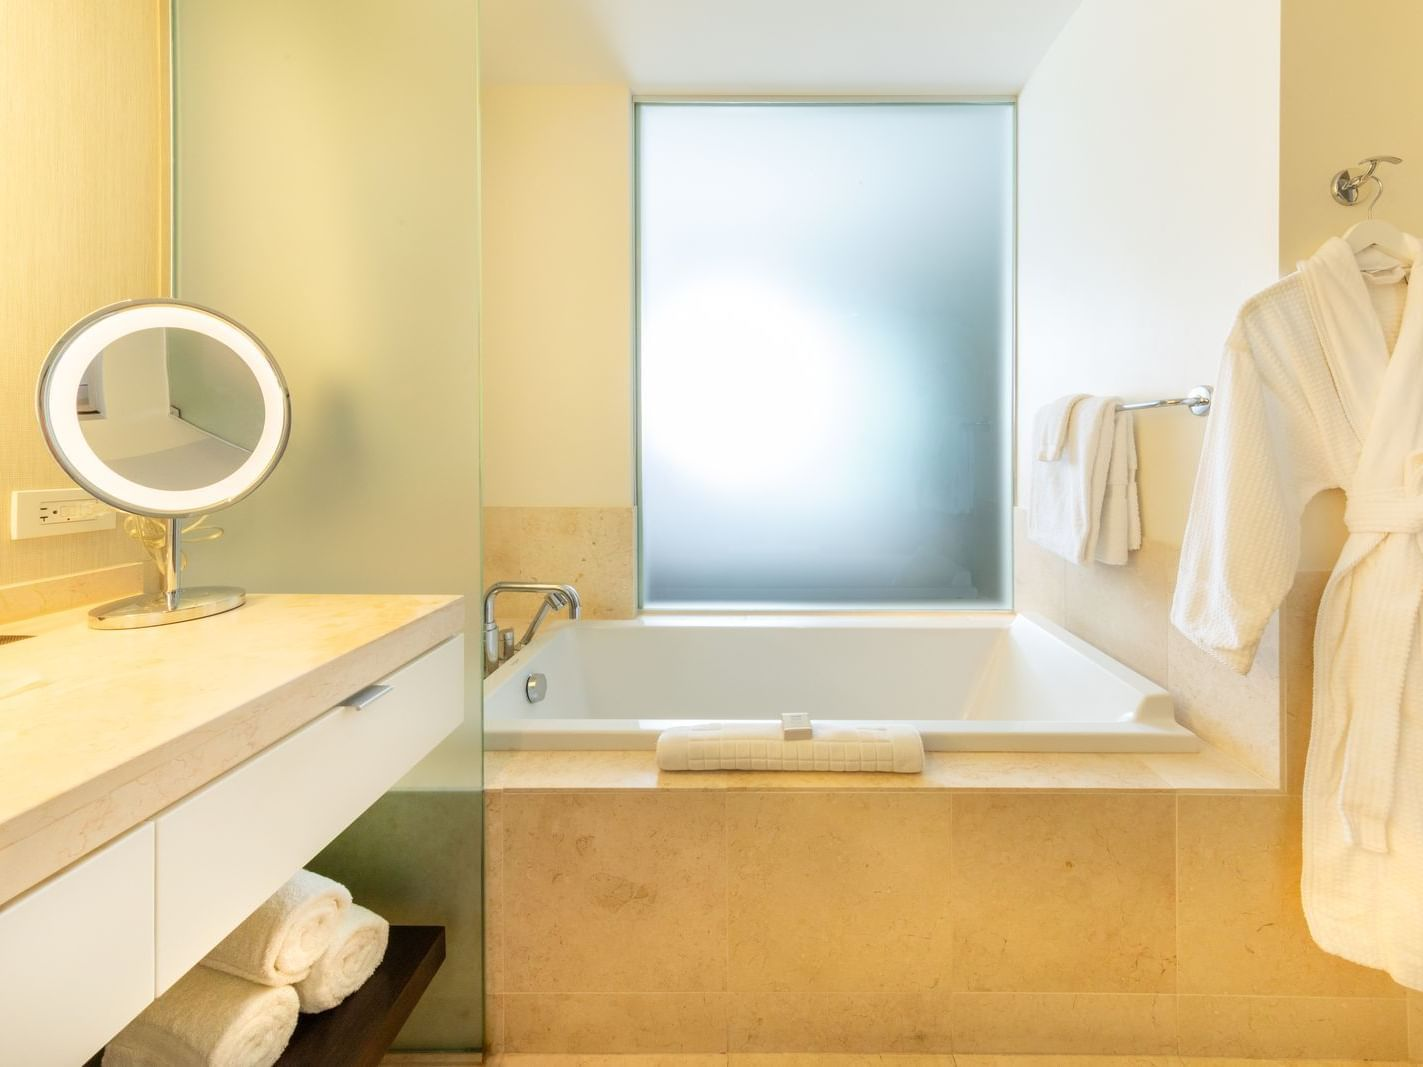 a tub in a hotel bathroom